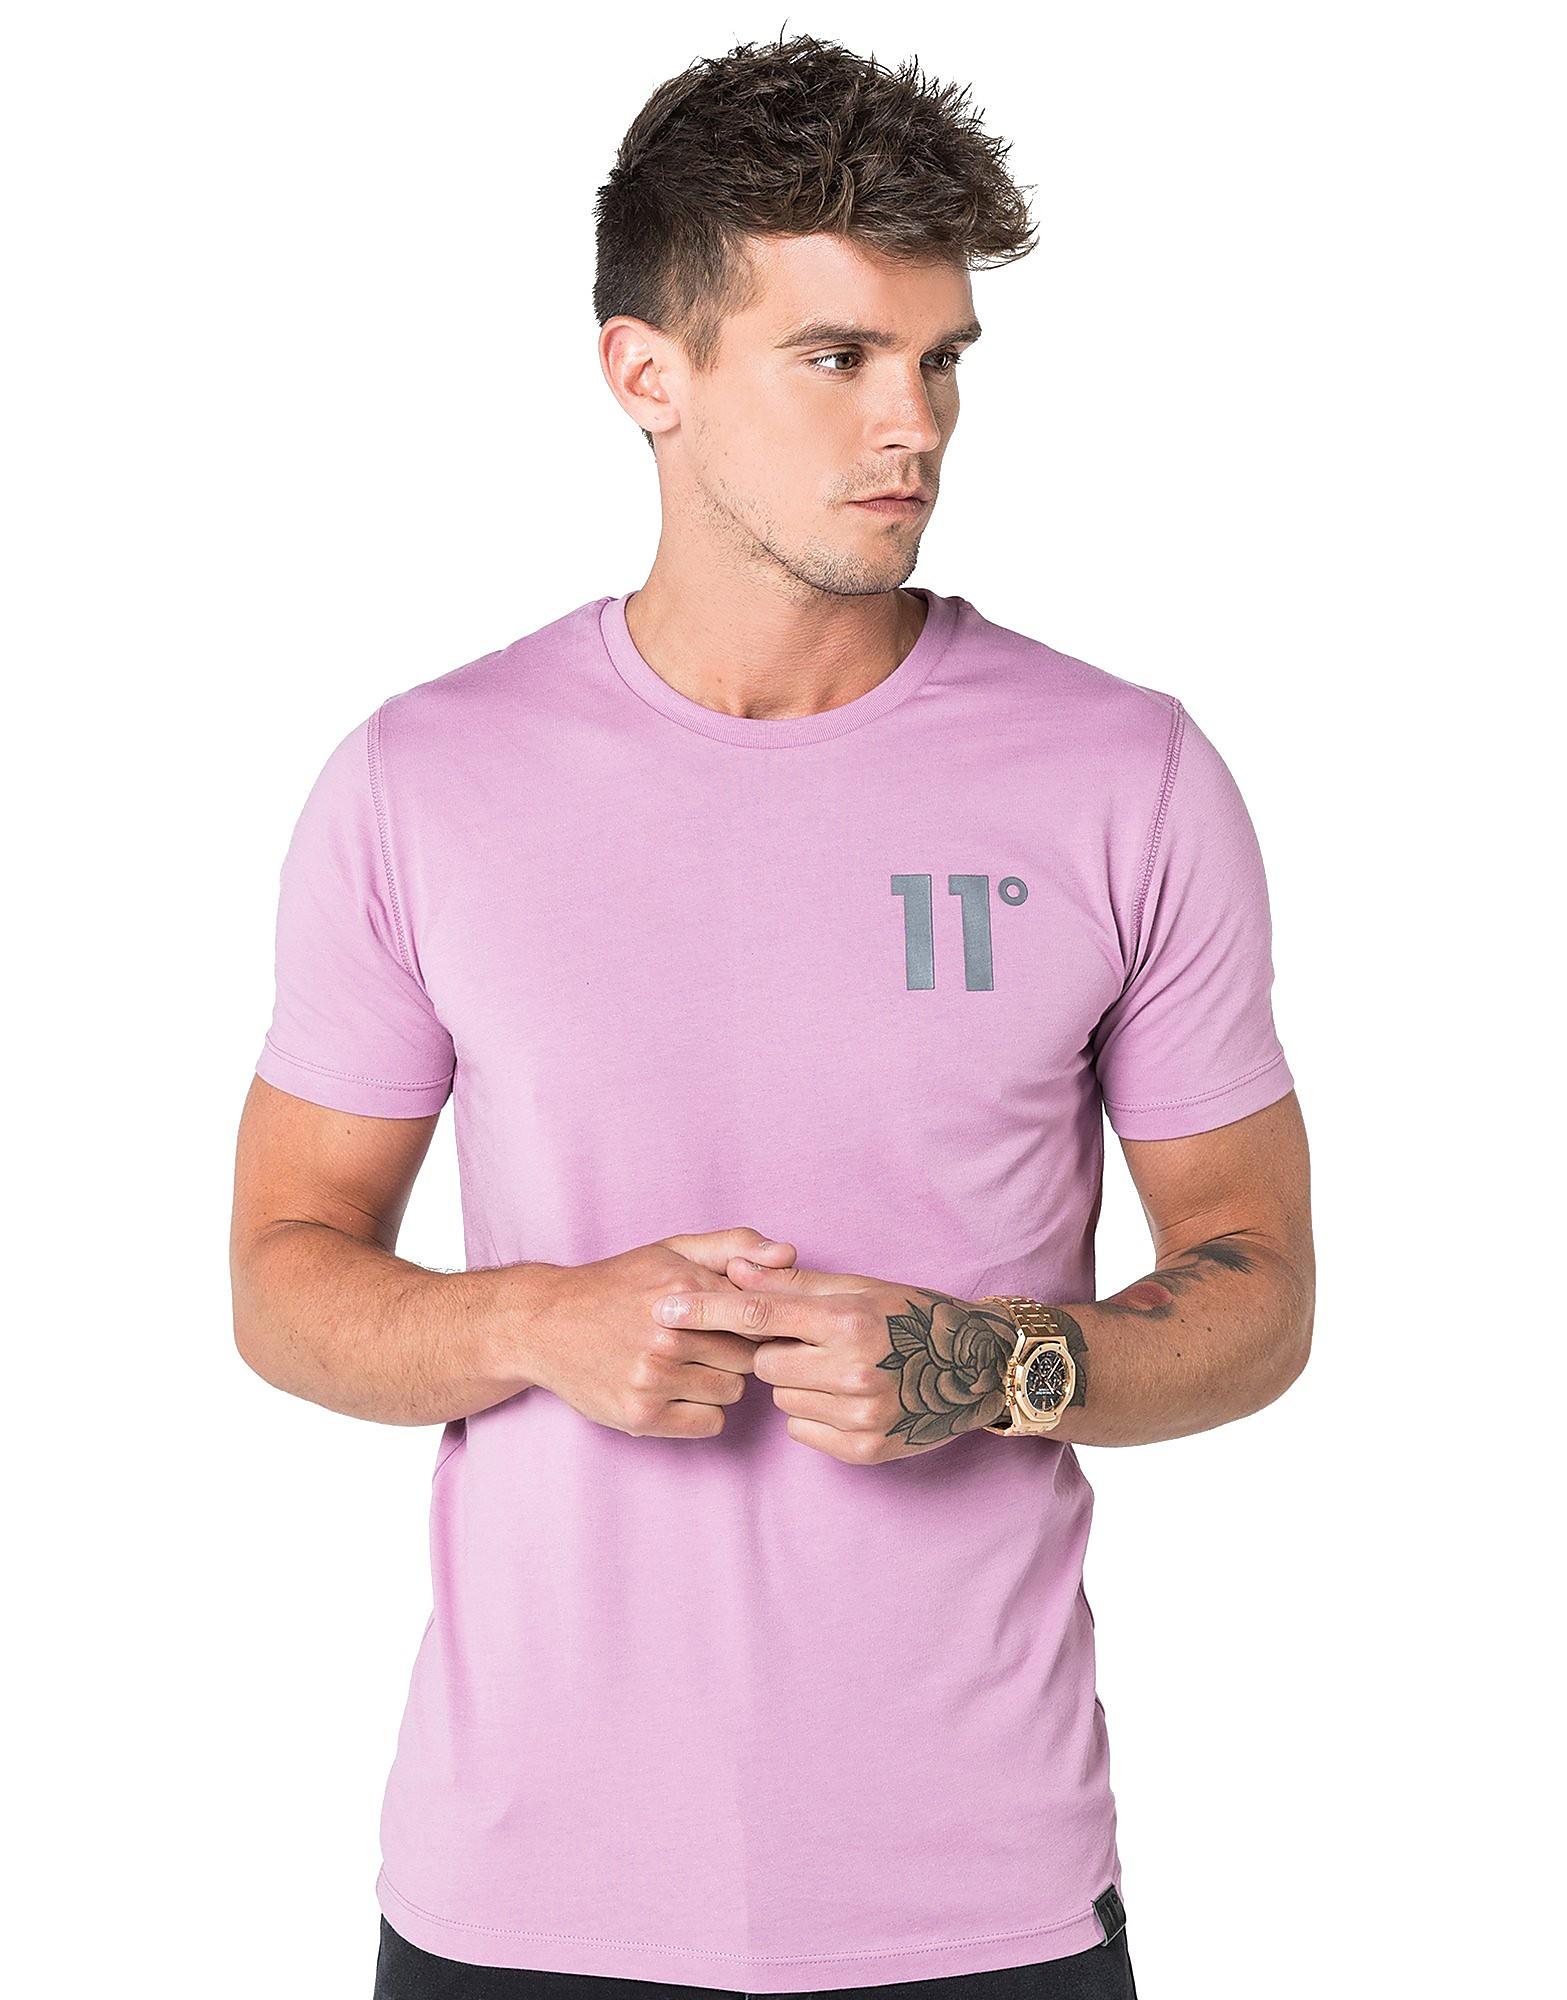 11 Degrees Core T-Shirt